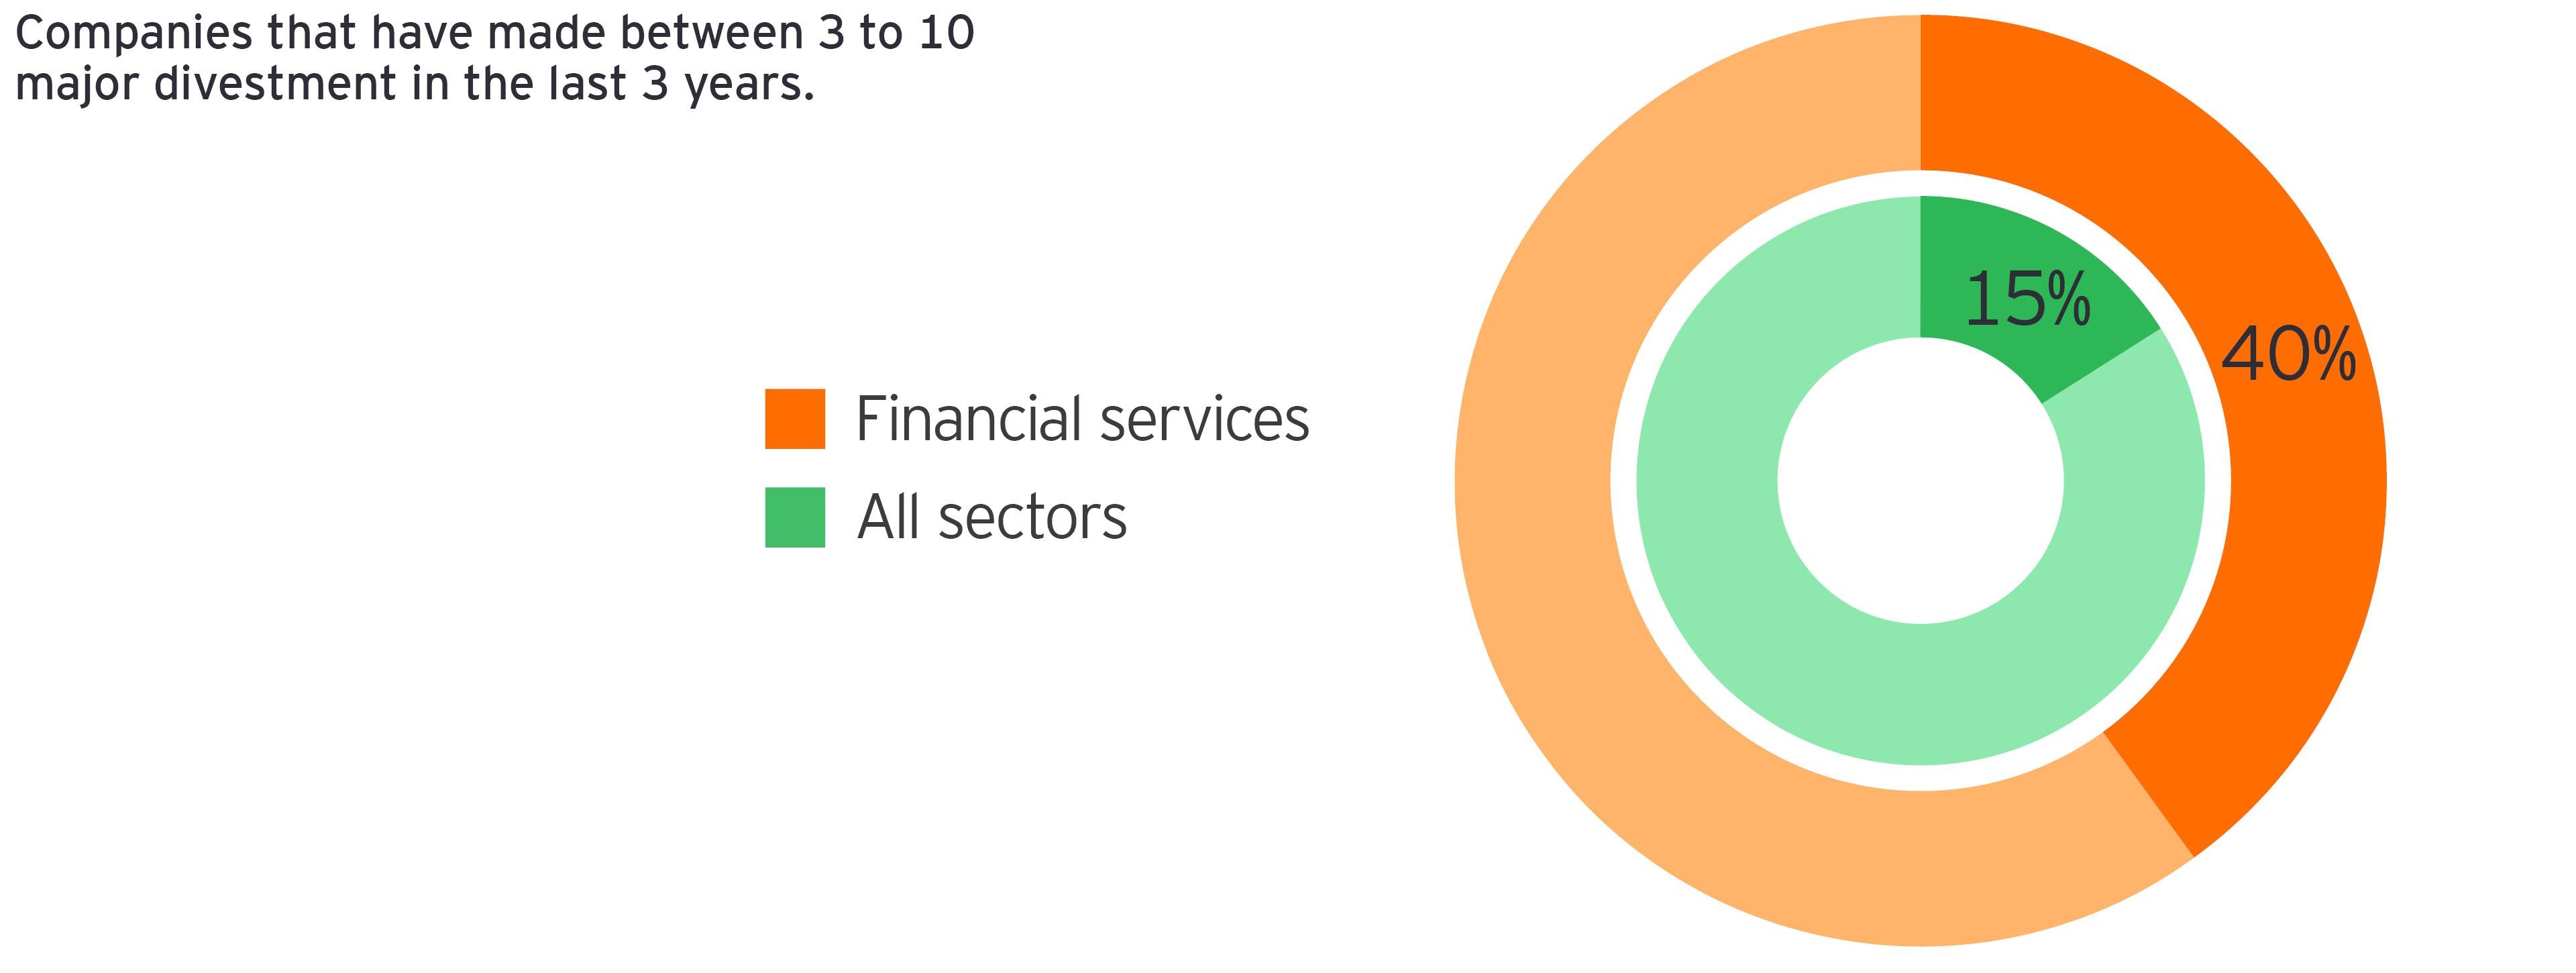 Wykres: Firmy, które dokonały od 3 do 10 dużych dezinwestycji w ciągu ostatnich 3 lat